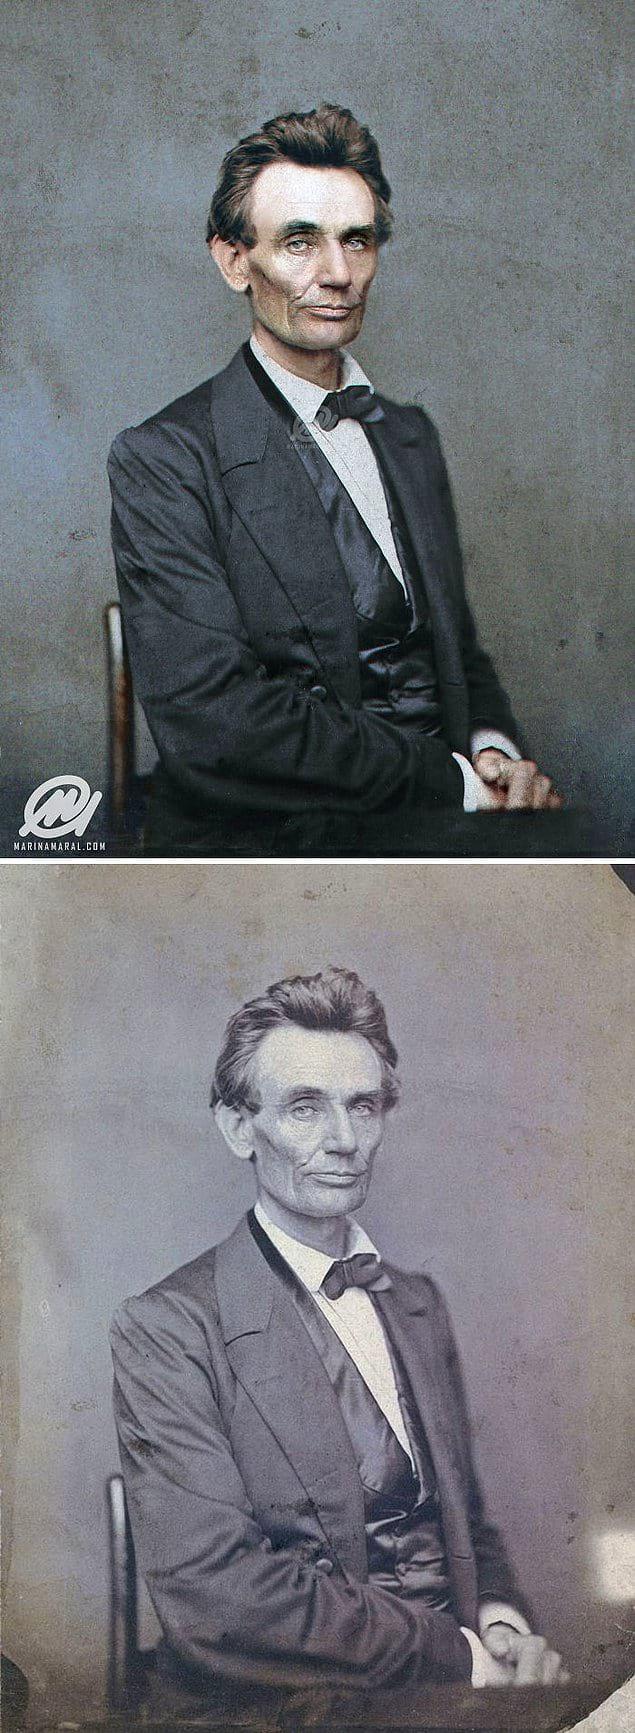 Авраам Линкольн, 1860 год.